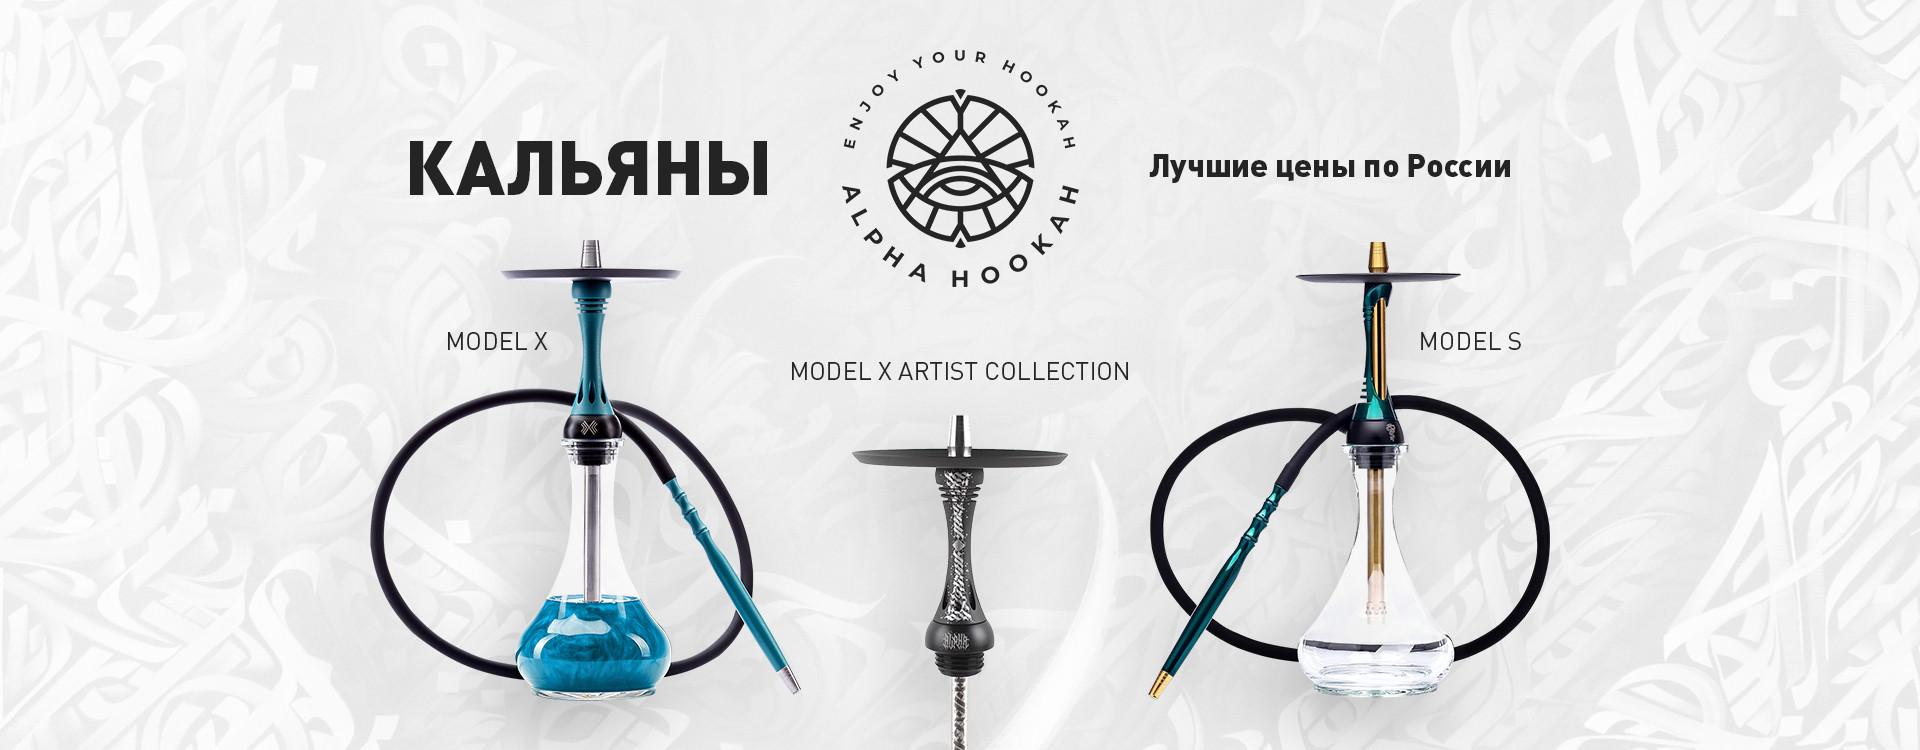 Кальяны Альфахука Челябинск.jpg